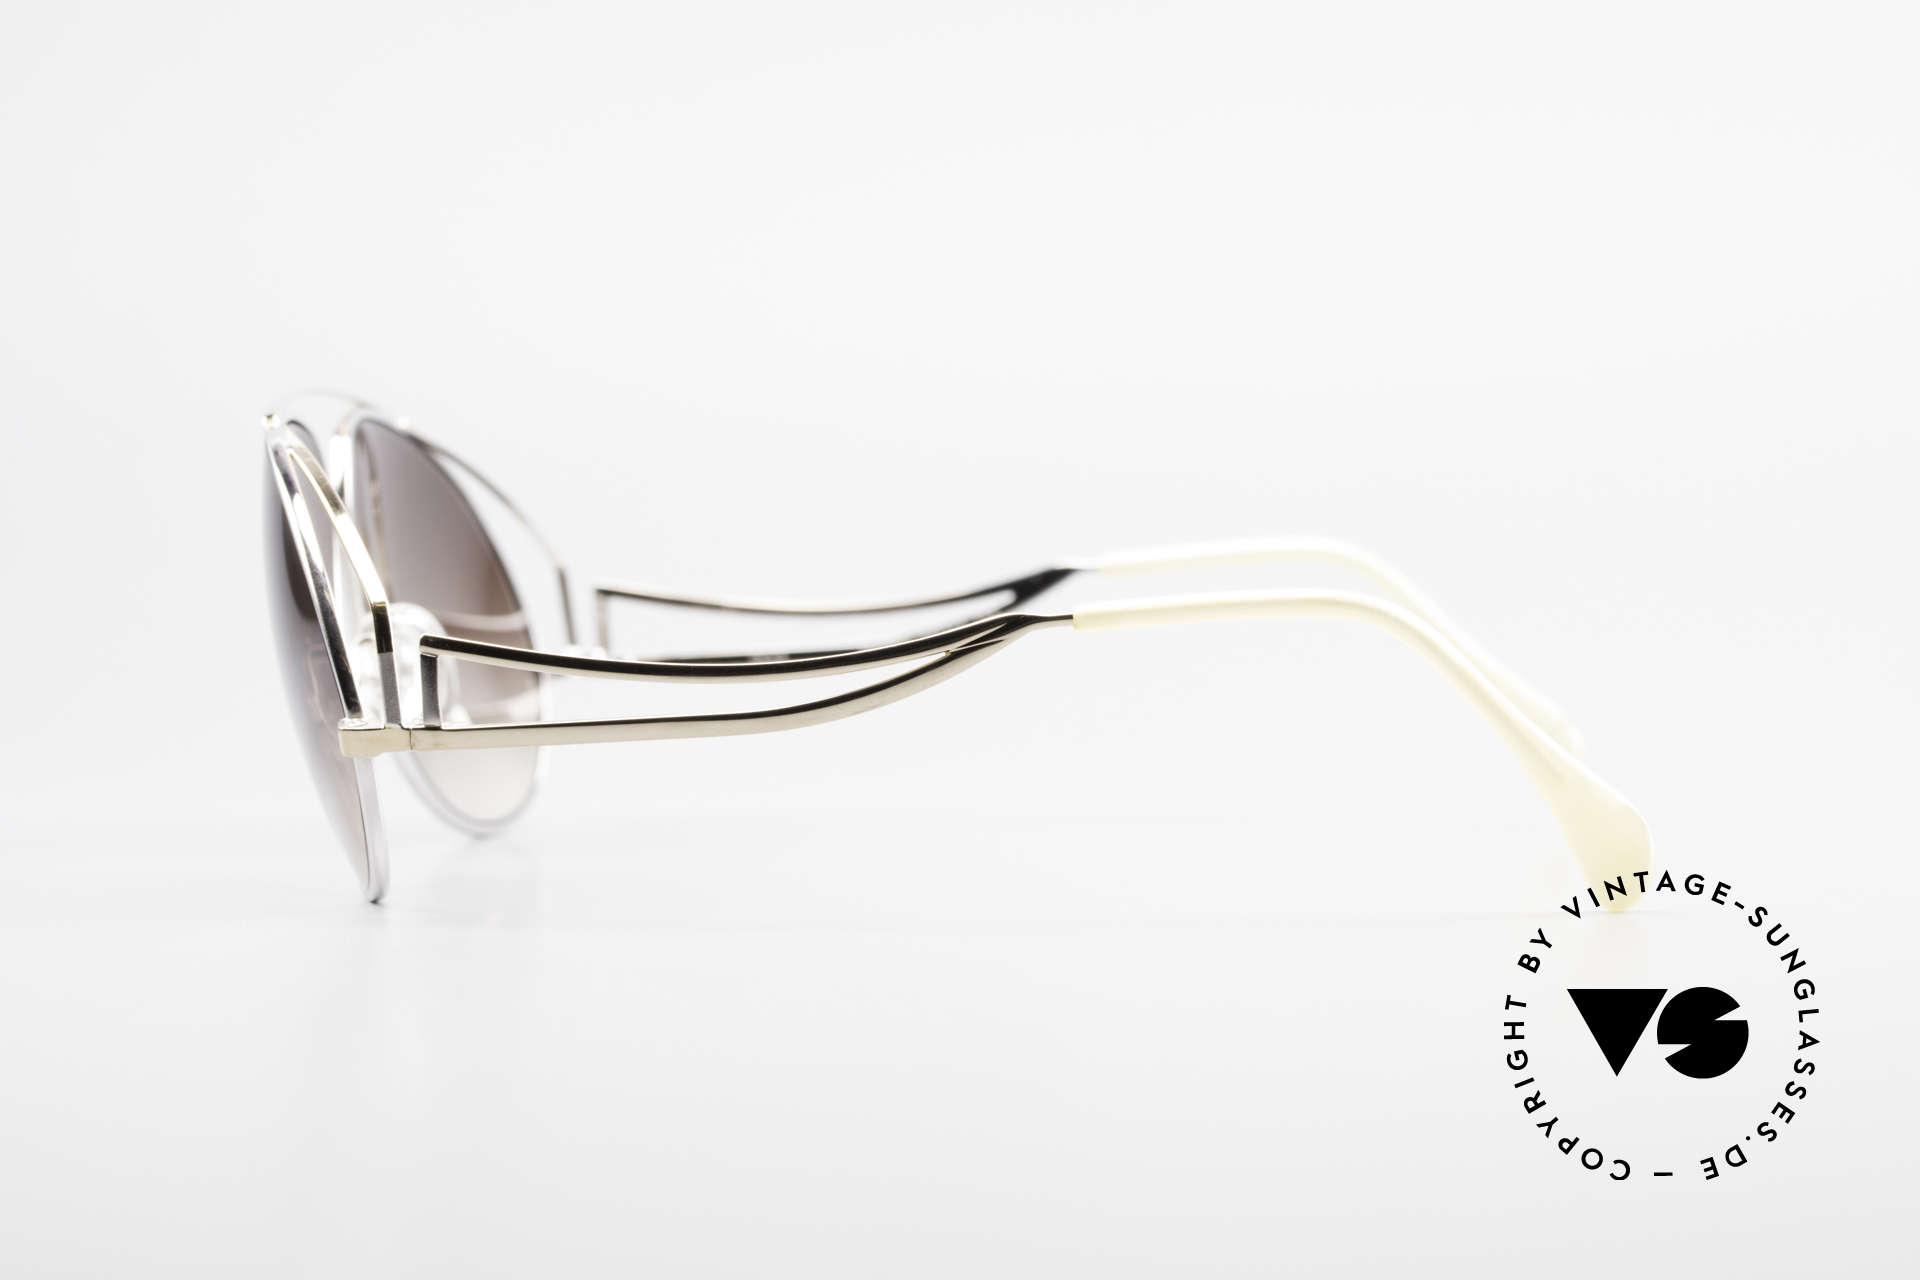 Zollitsch Radiant Industrial XL Aviator Brille, ein absoluter HINGUCKER in herausragender Qualität, Passend für Herren